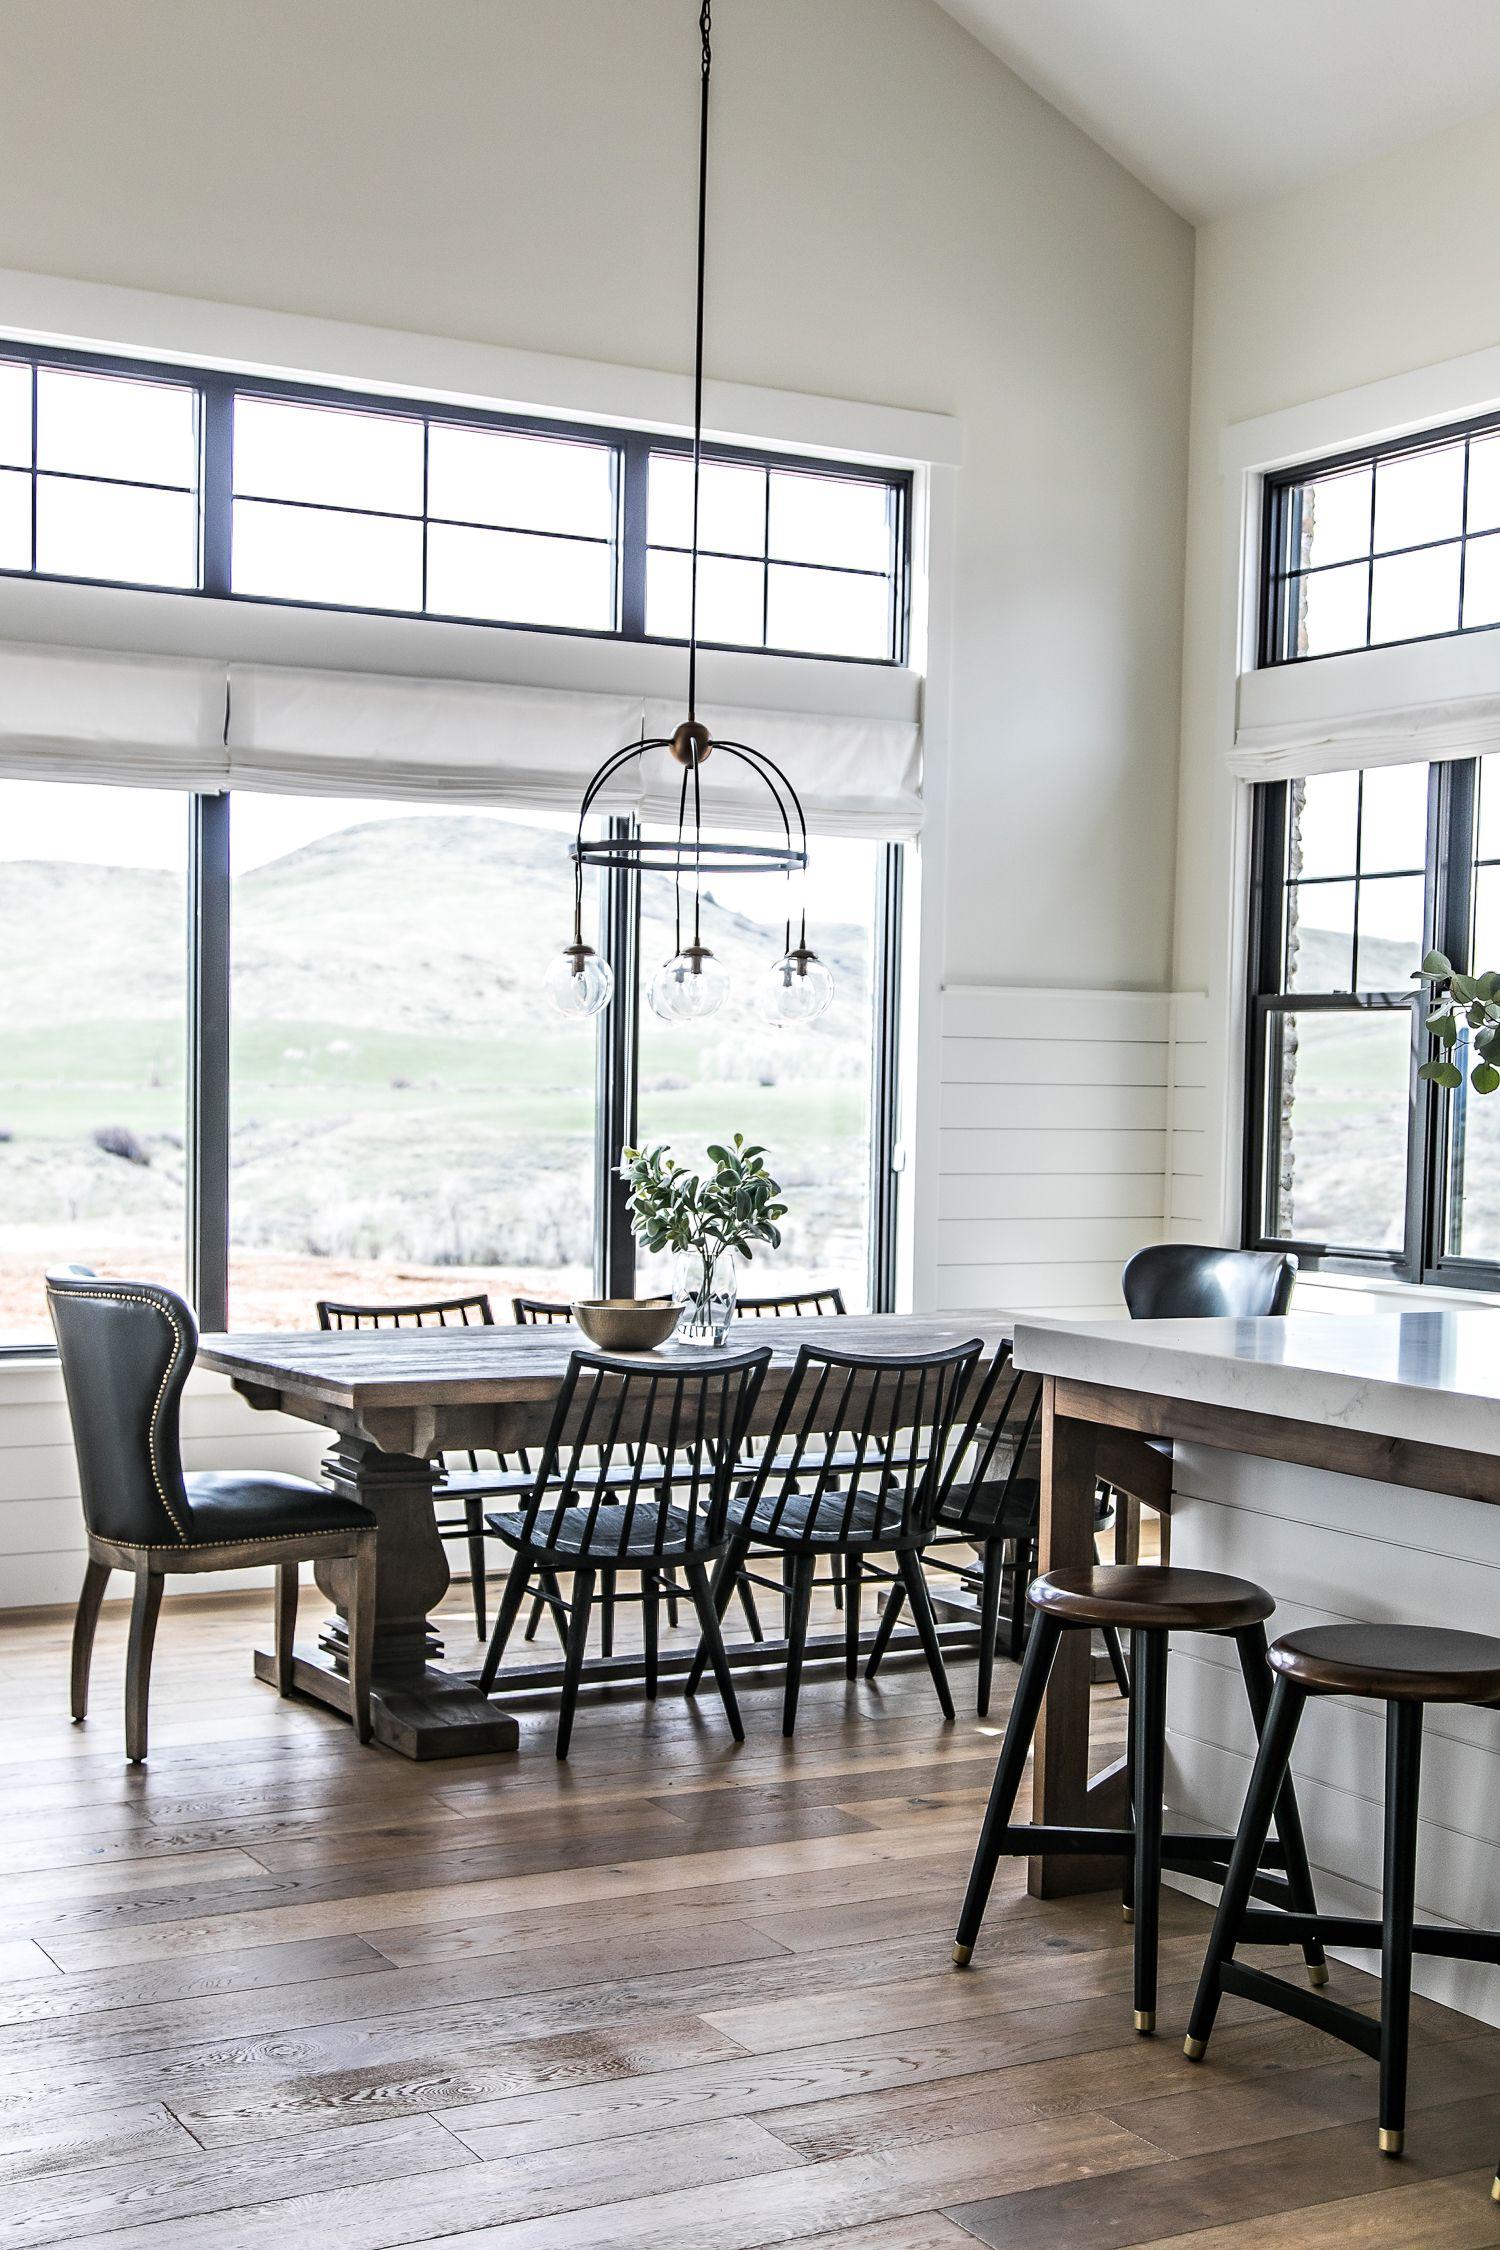 Unique De Table Salle A Manger Design Sch¨me Idées de table